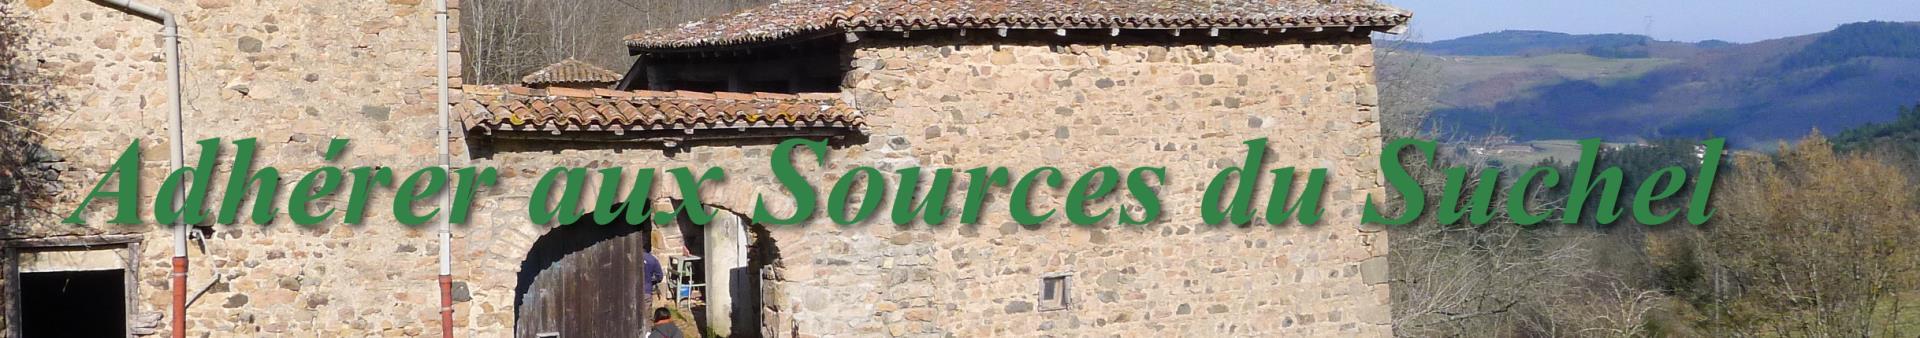 Adhésion aux Sources du Suchel - Les Sources du Suchel